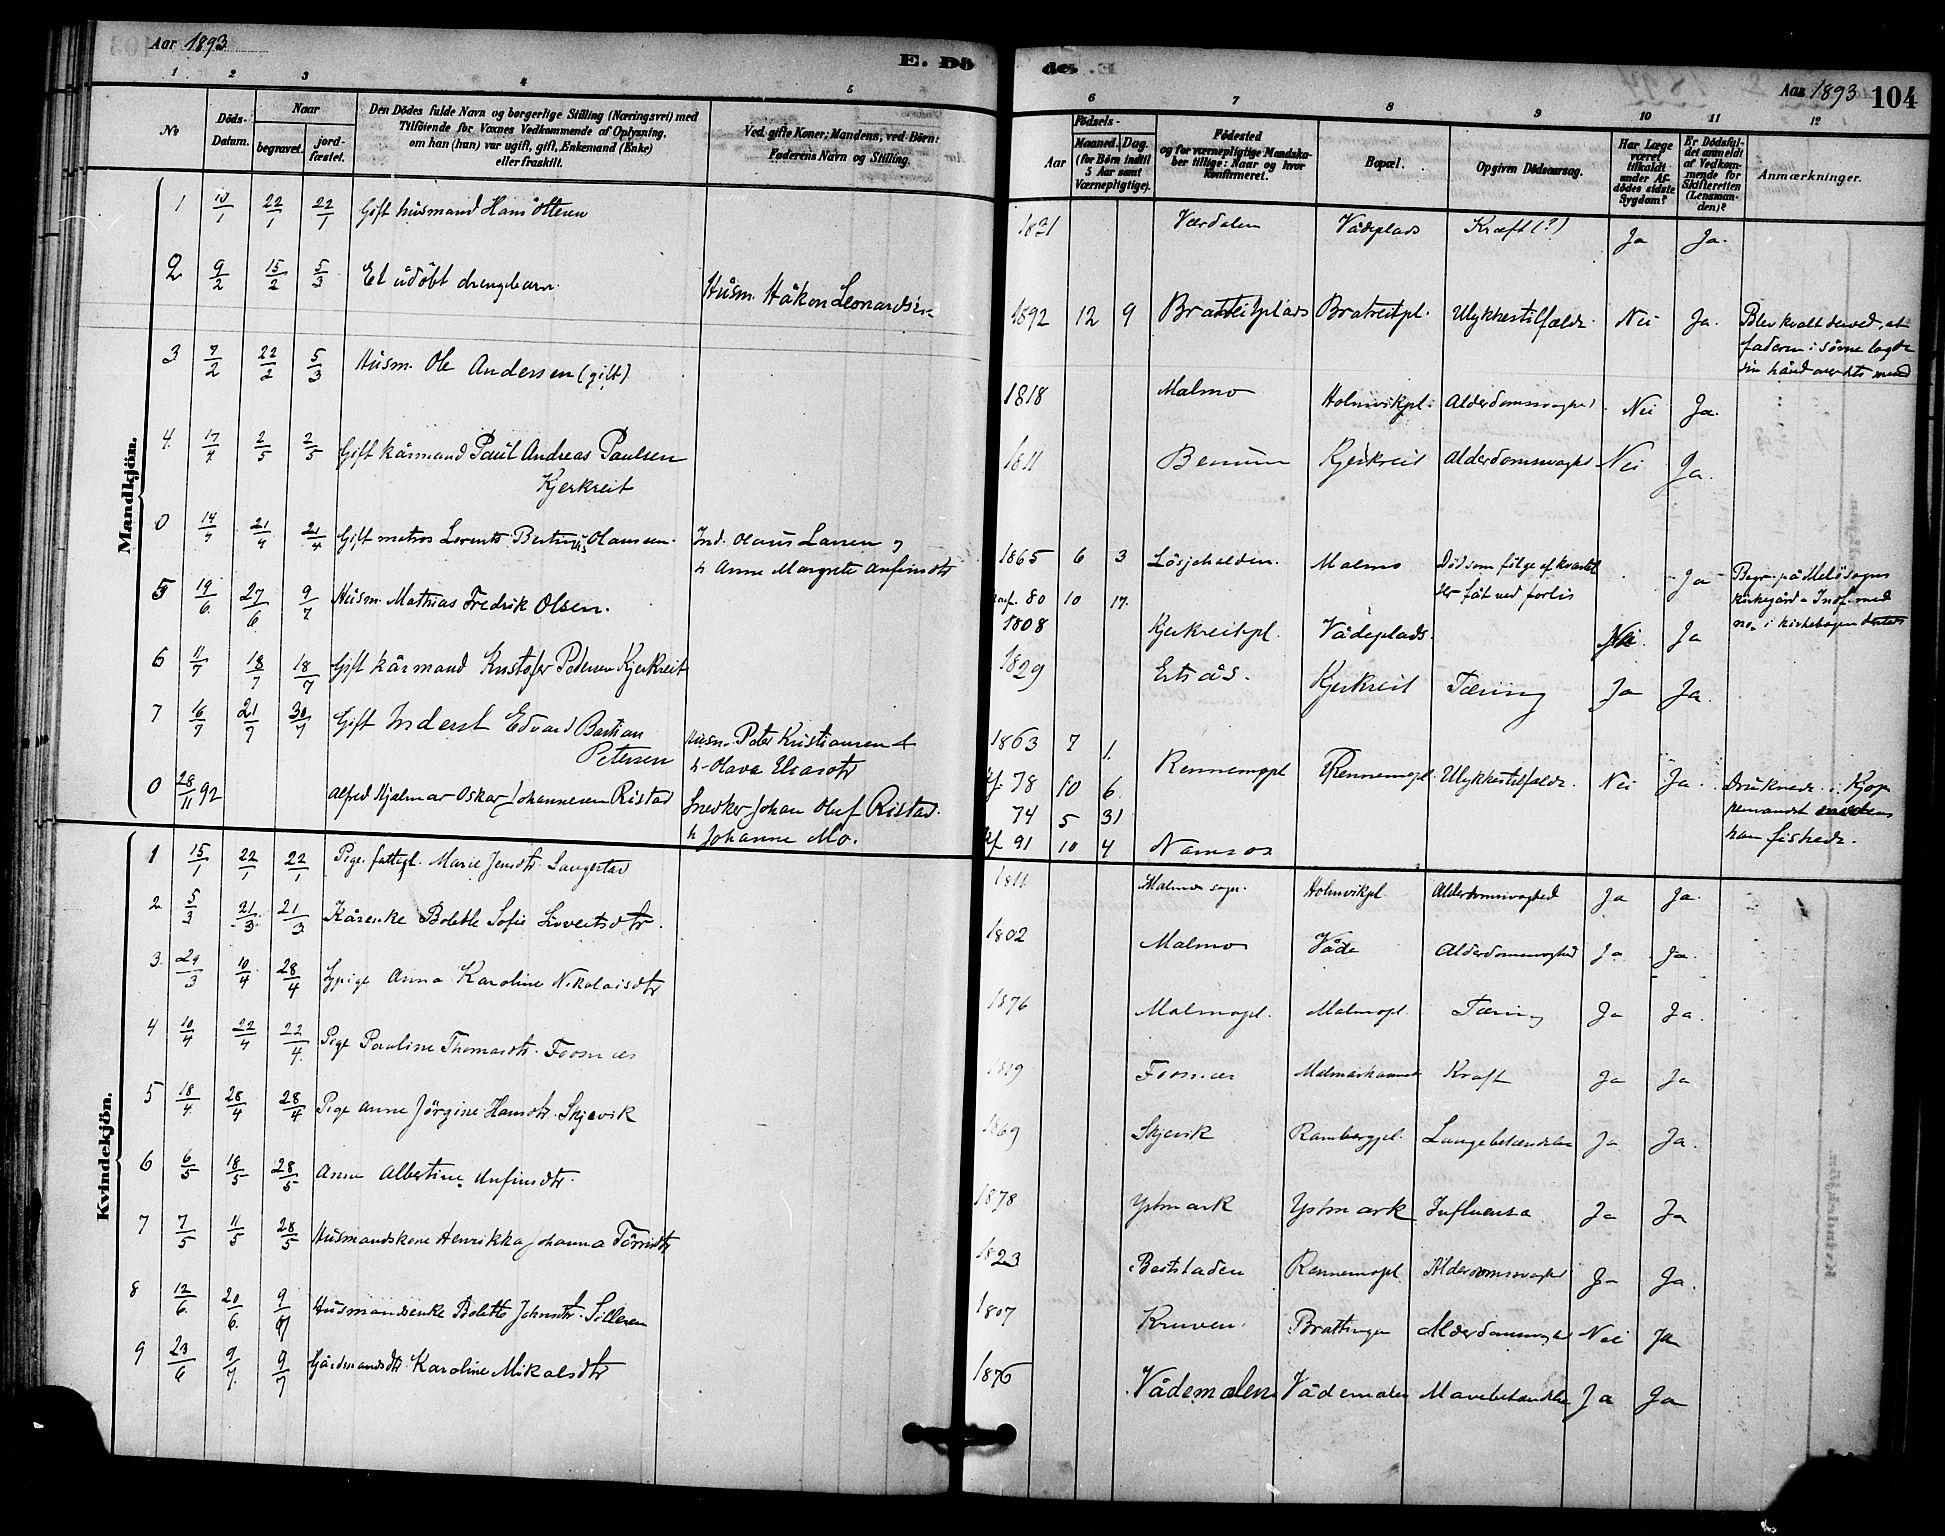 SAT, Ministerialprotokoller, klokkerbøker og fødselsregistre - Nord-Trøndelag, 745/L0429: Ministerialbok nr. 745A01, 1878-1894, s. 104